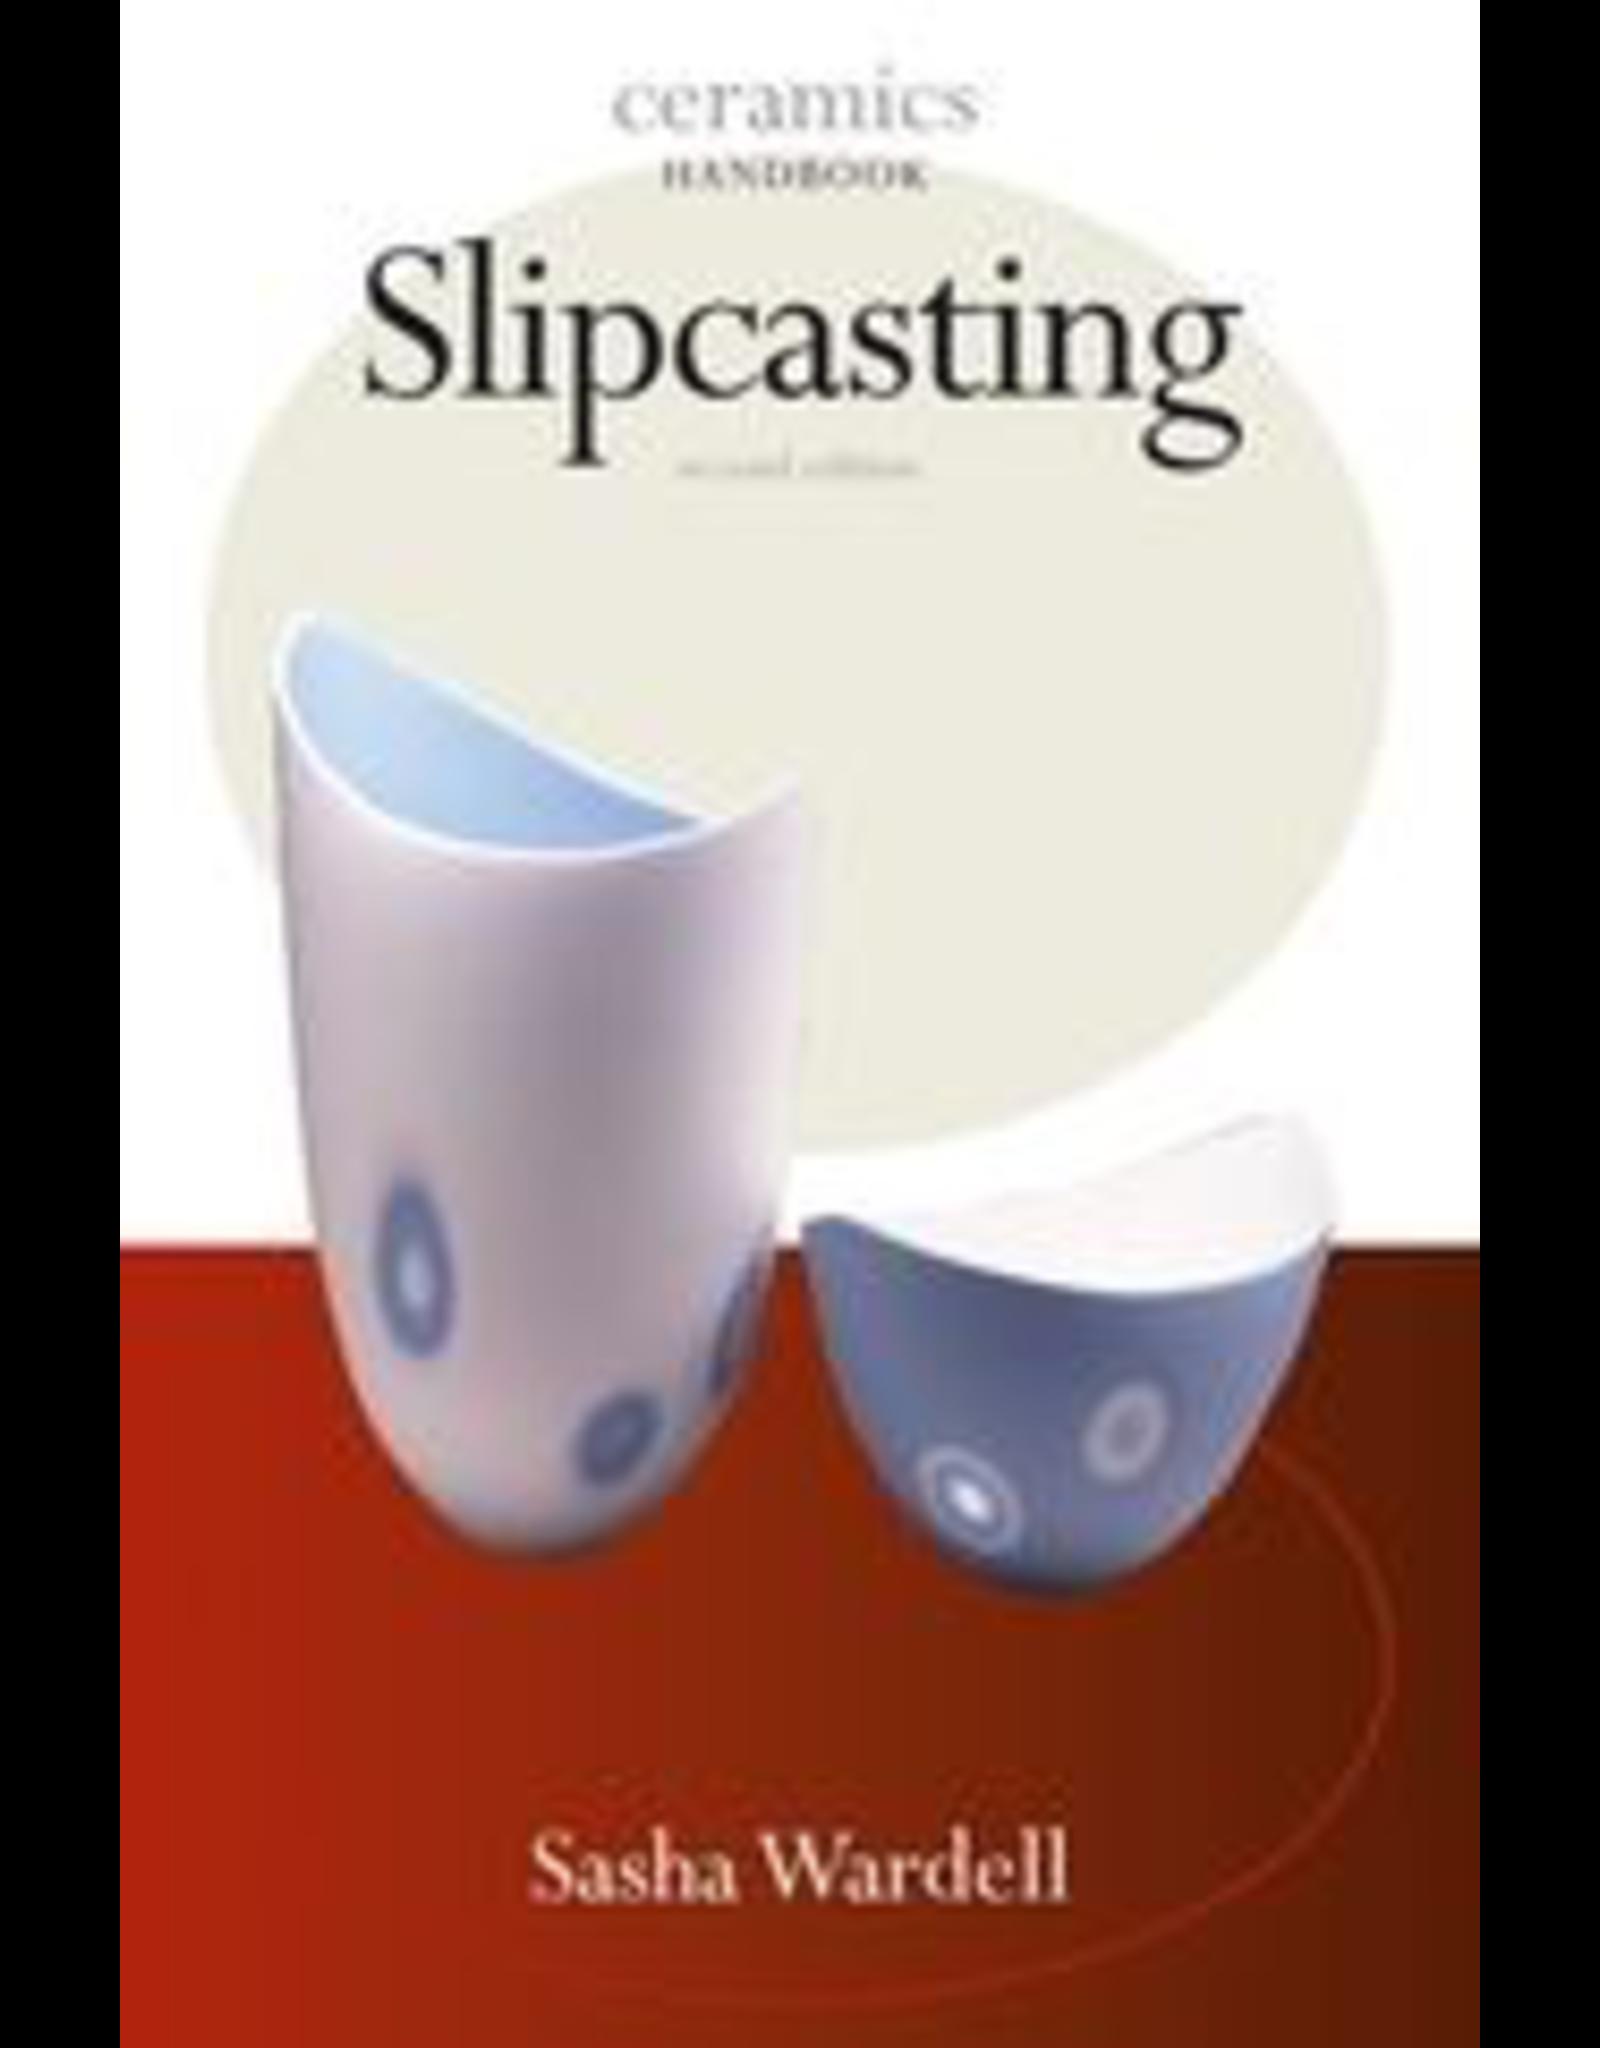 Slipcasting